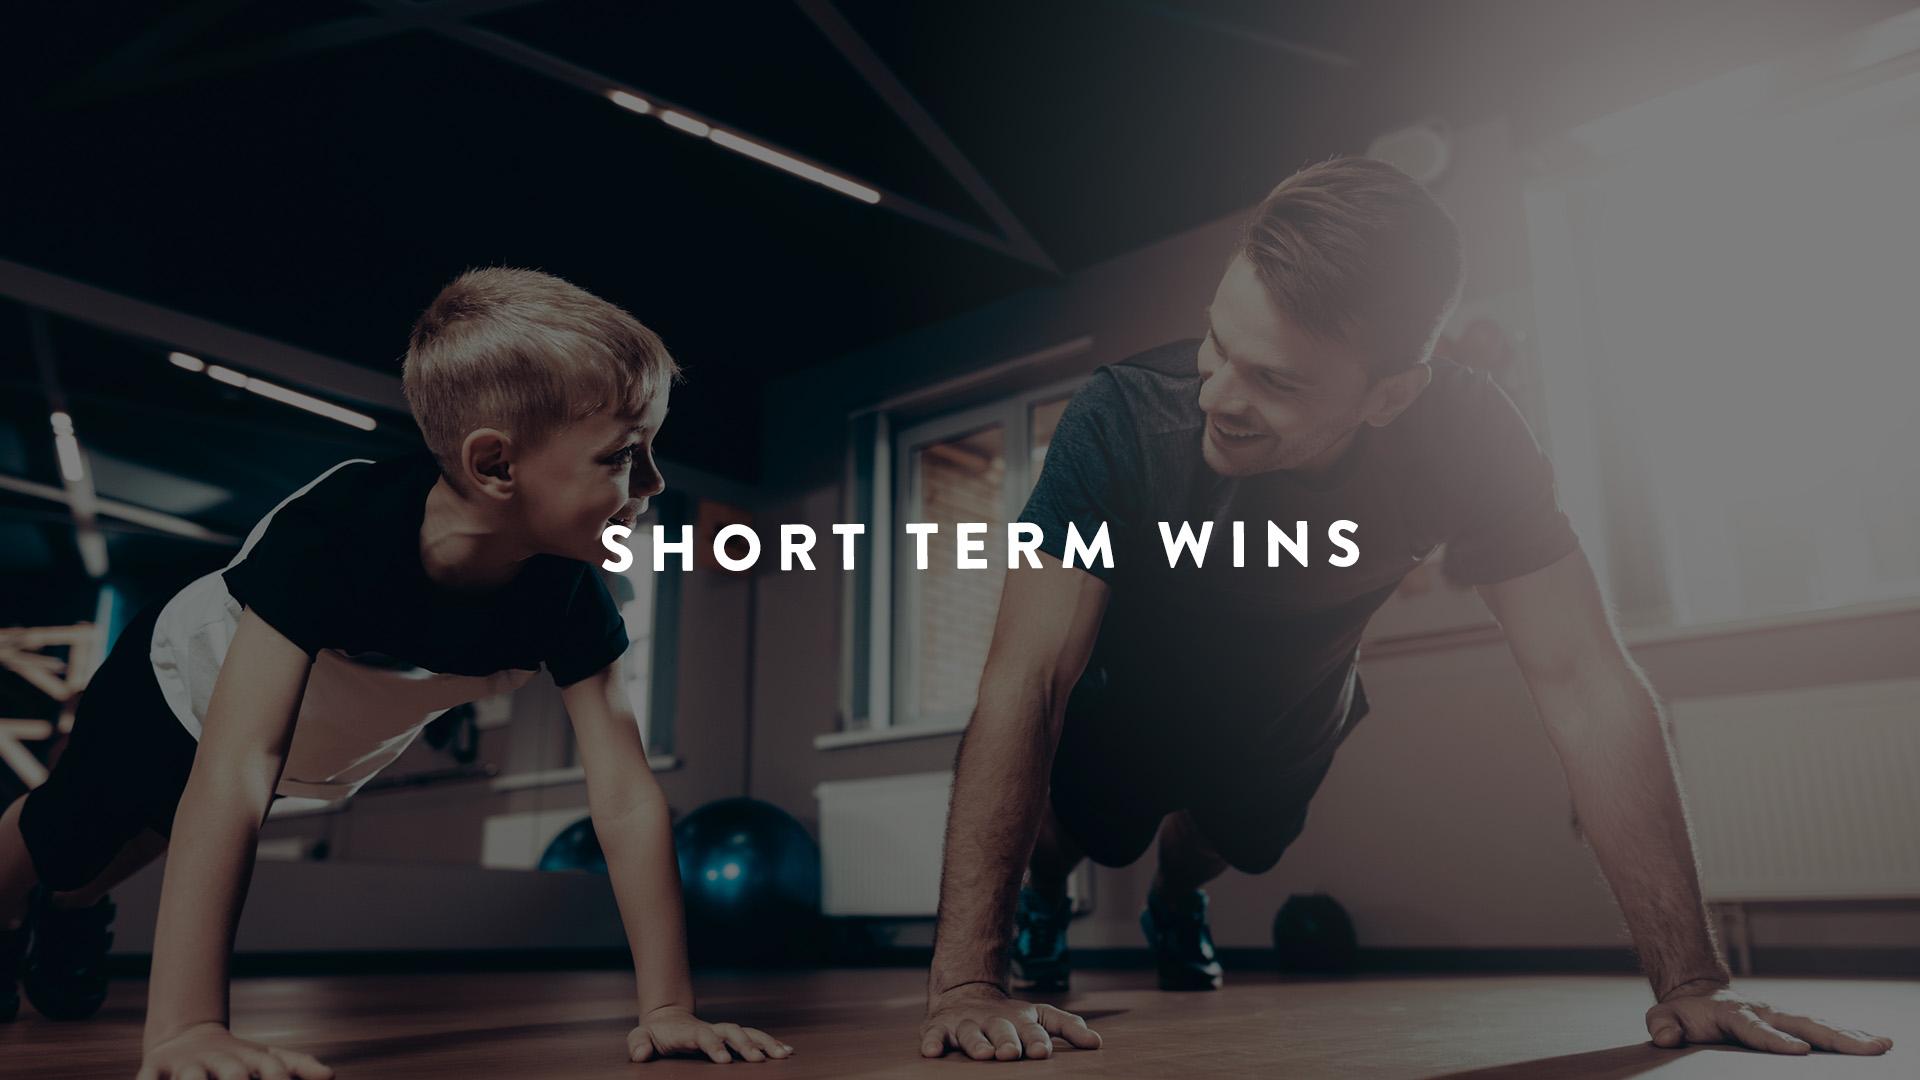 Short term wins